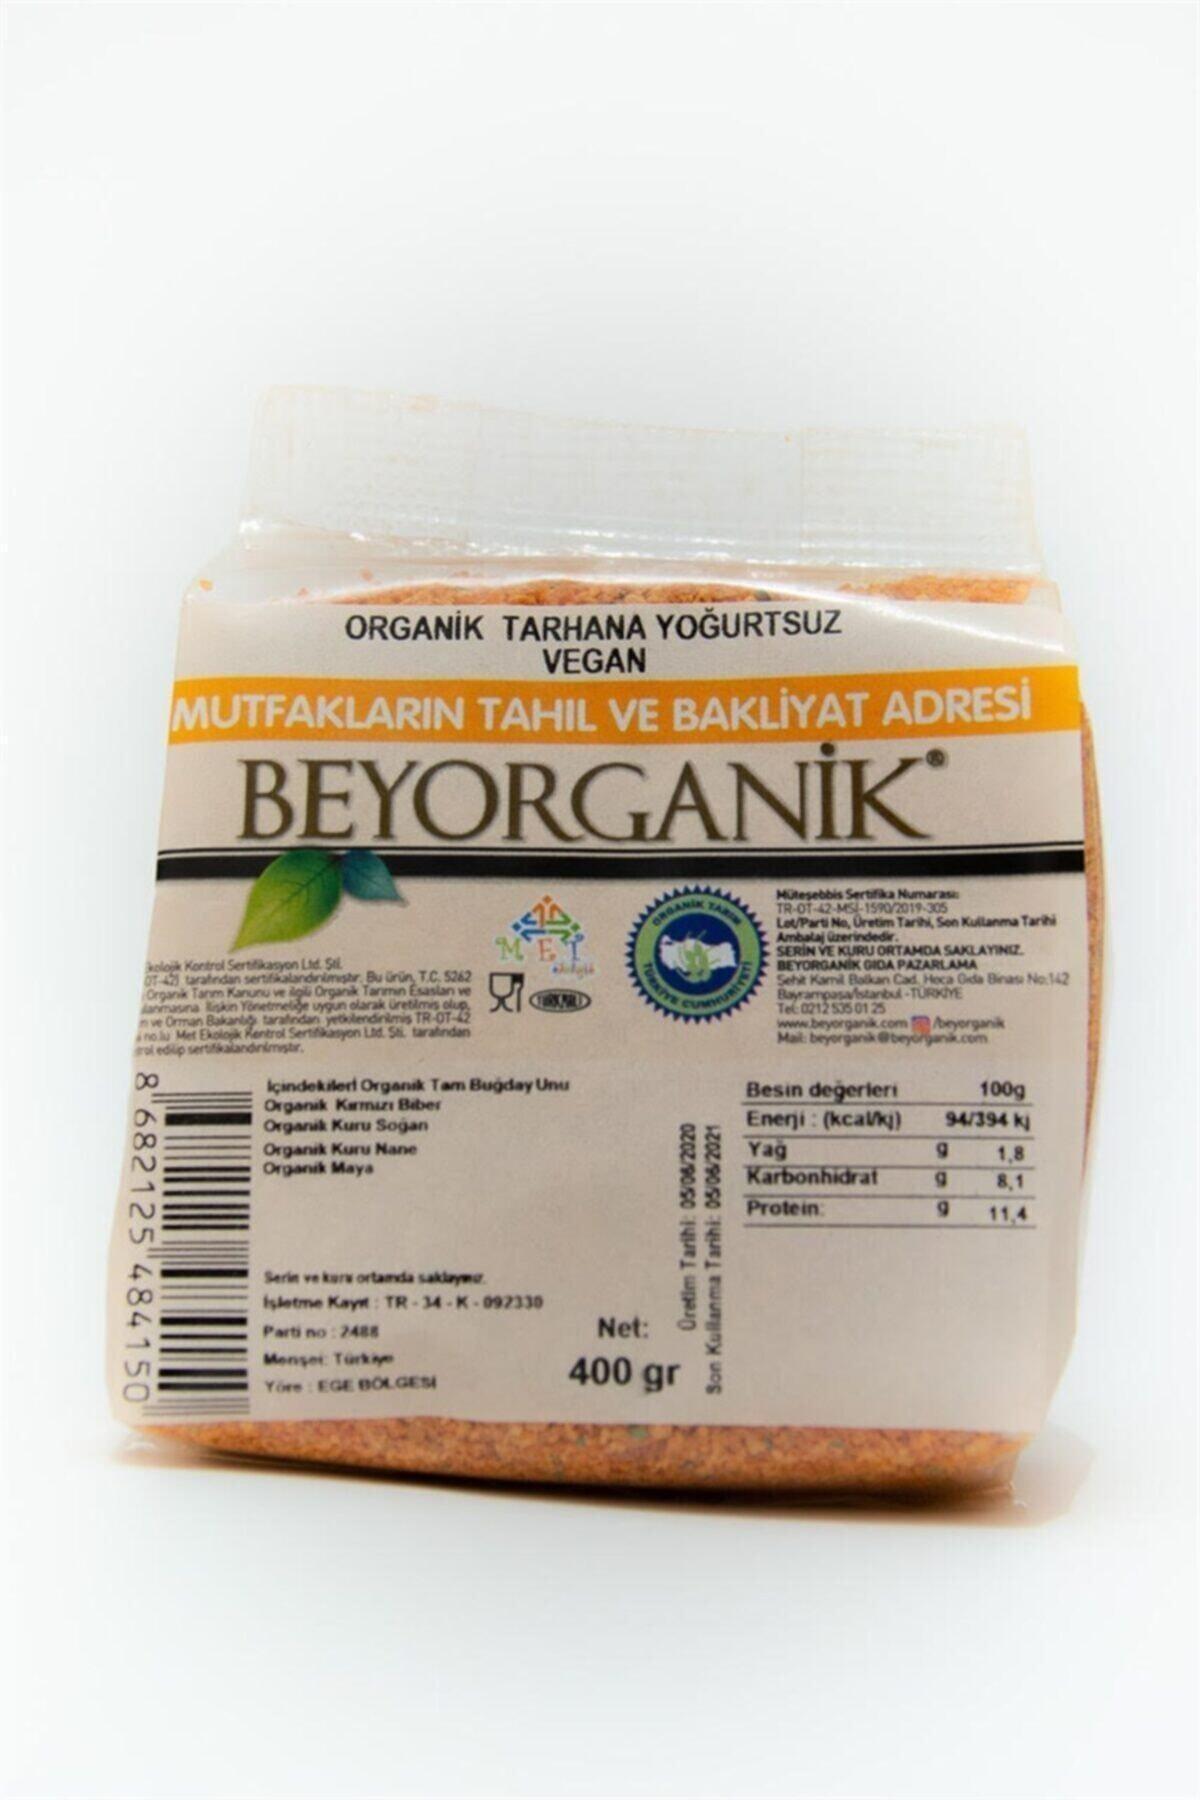 Organik Tarhana Yoğurtsuz Vegan 300gr